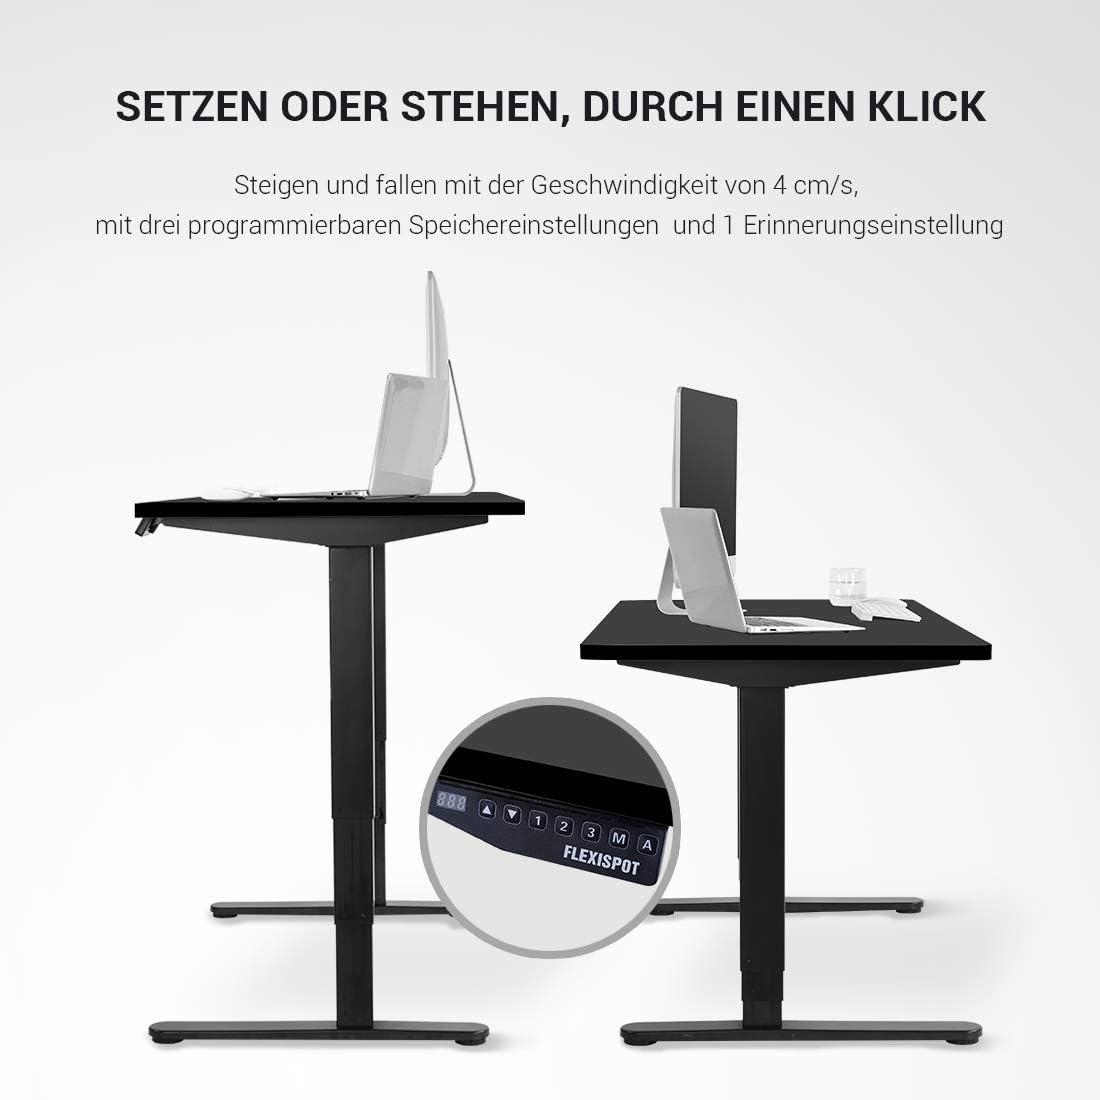 Ahorn+Wei/ß 3-Fach-Teleskop mit der Tischplatte Mit Memory-Steuerung und Softstart//-Stop SANODESK H/öhenverstellbarer Schreibtisch Elektrisch h/öhenverstellbares Tischgestell